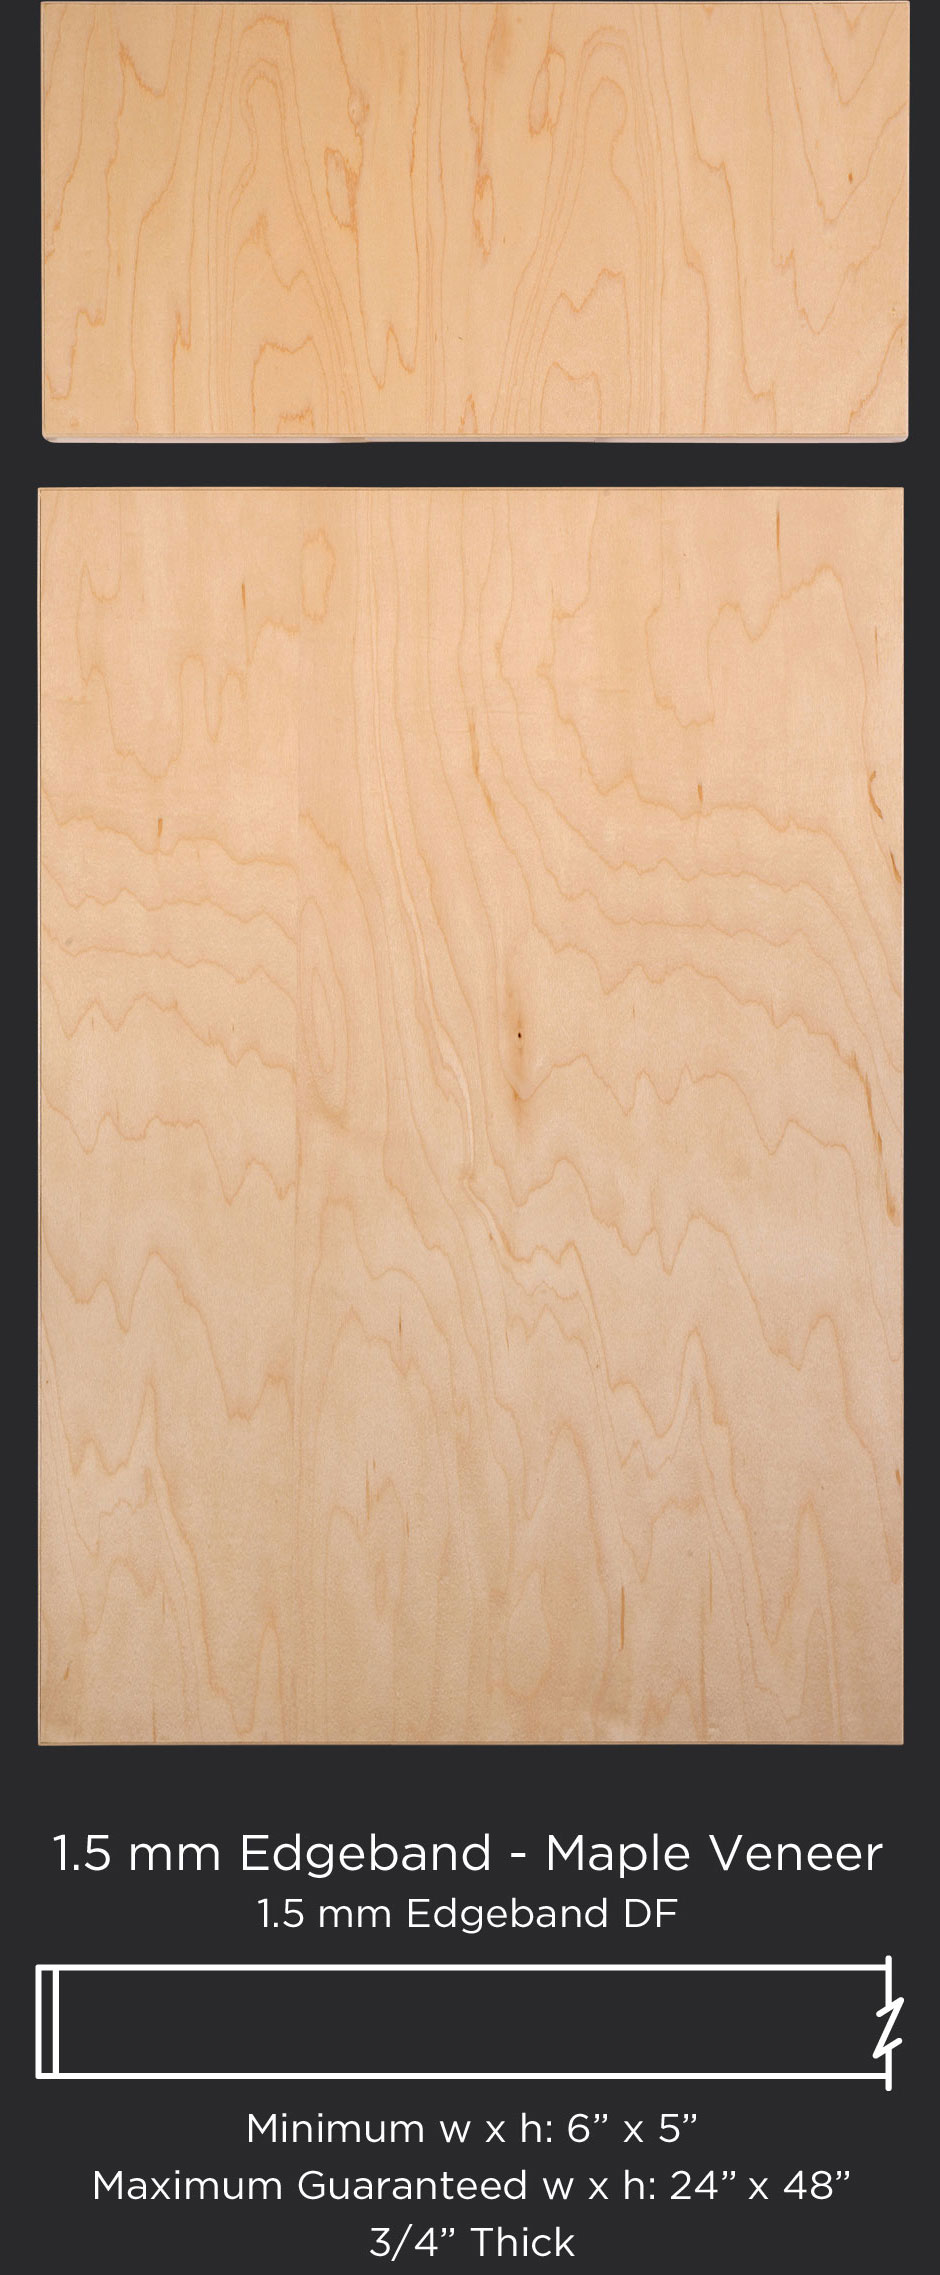 1.5 mm edgebanded door and drawer front- maple veneer